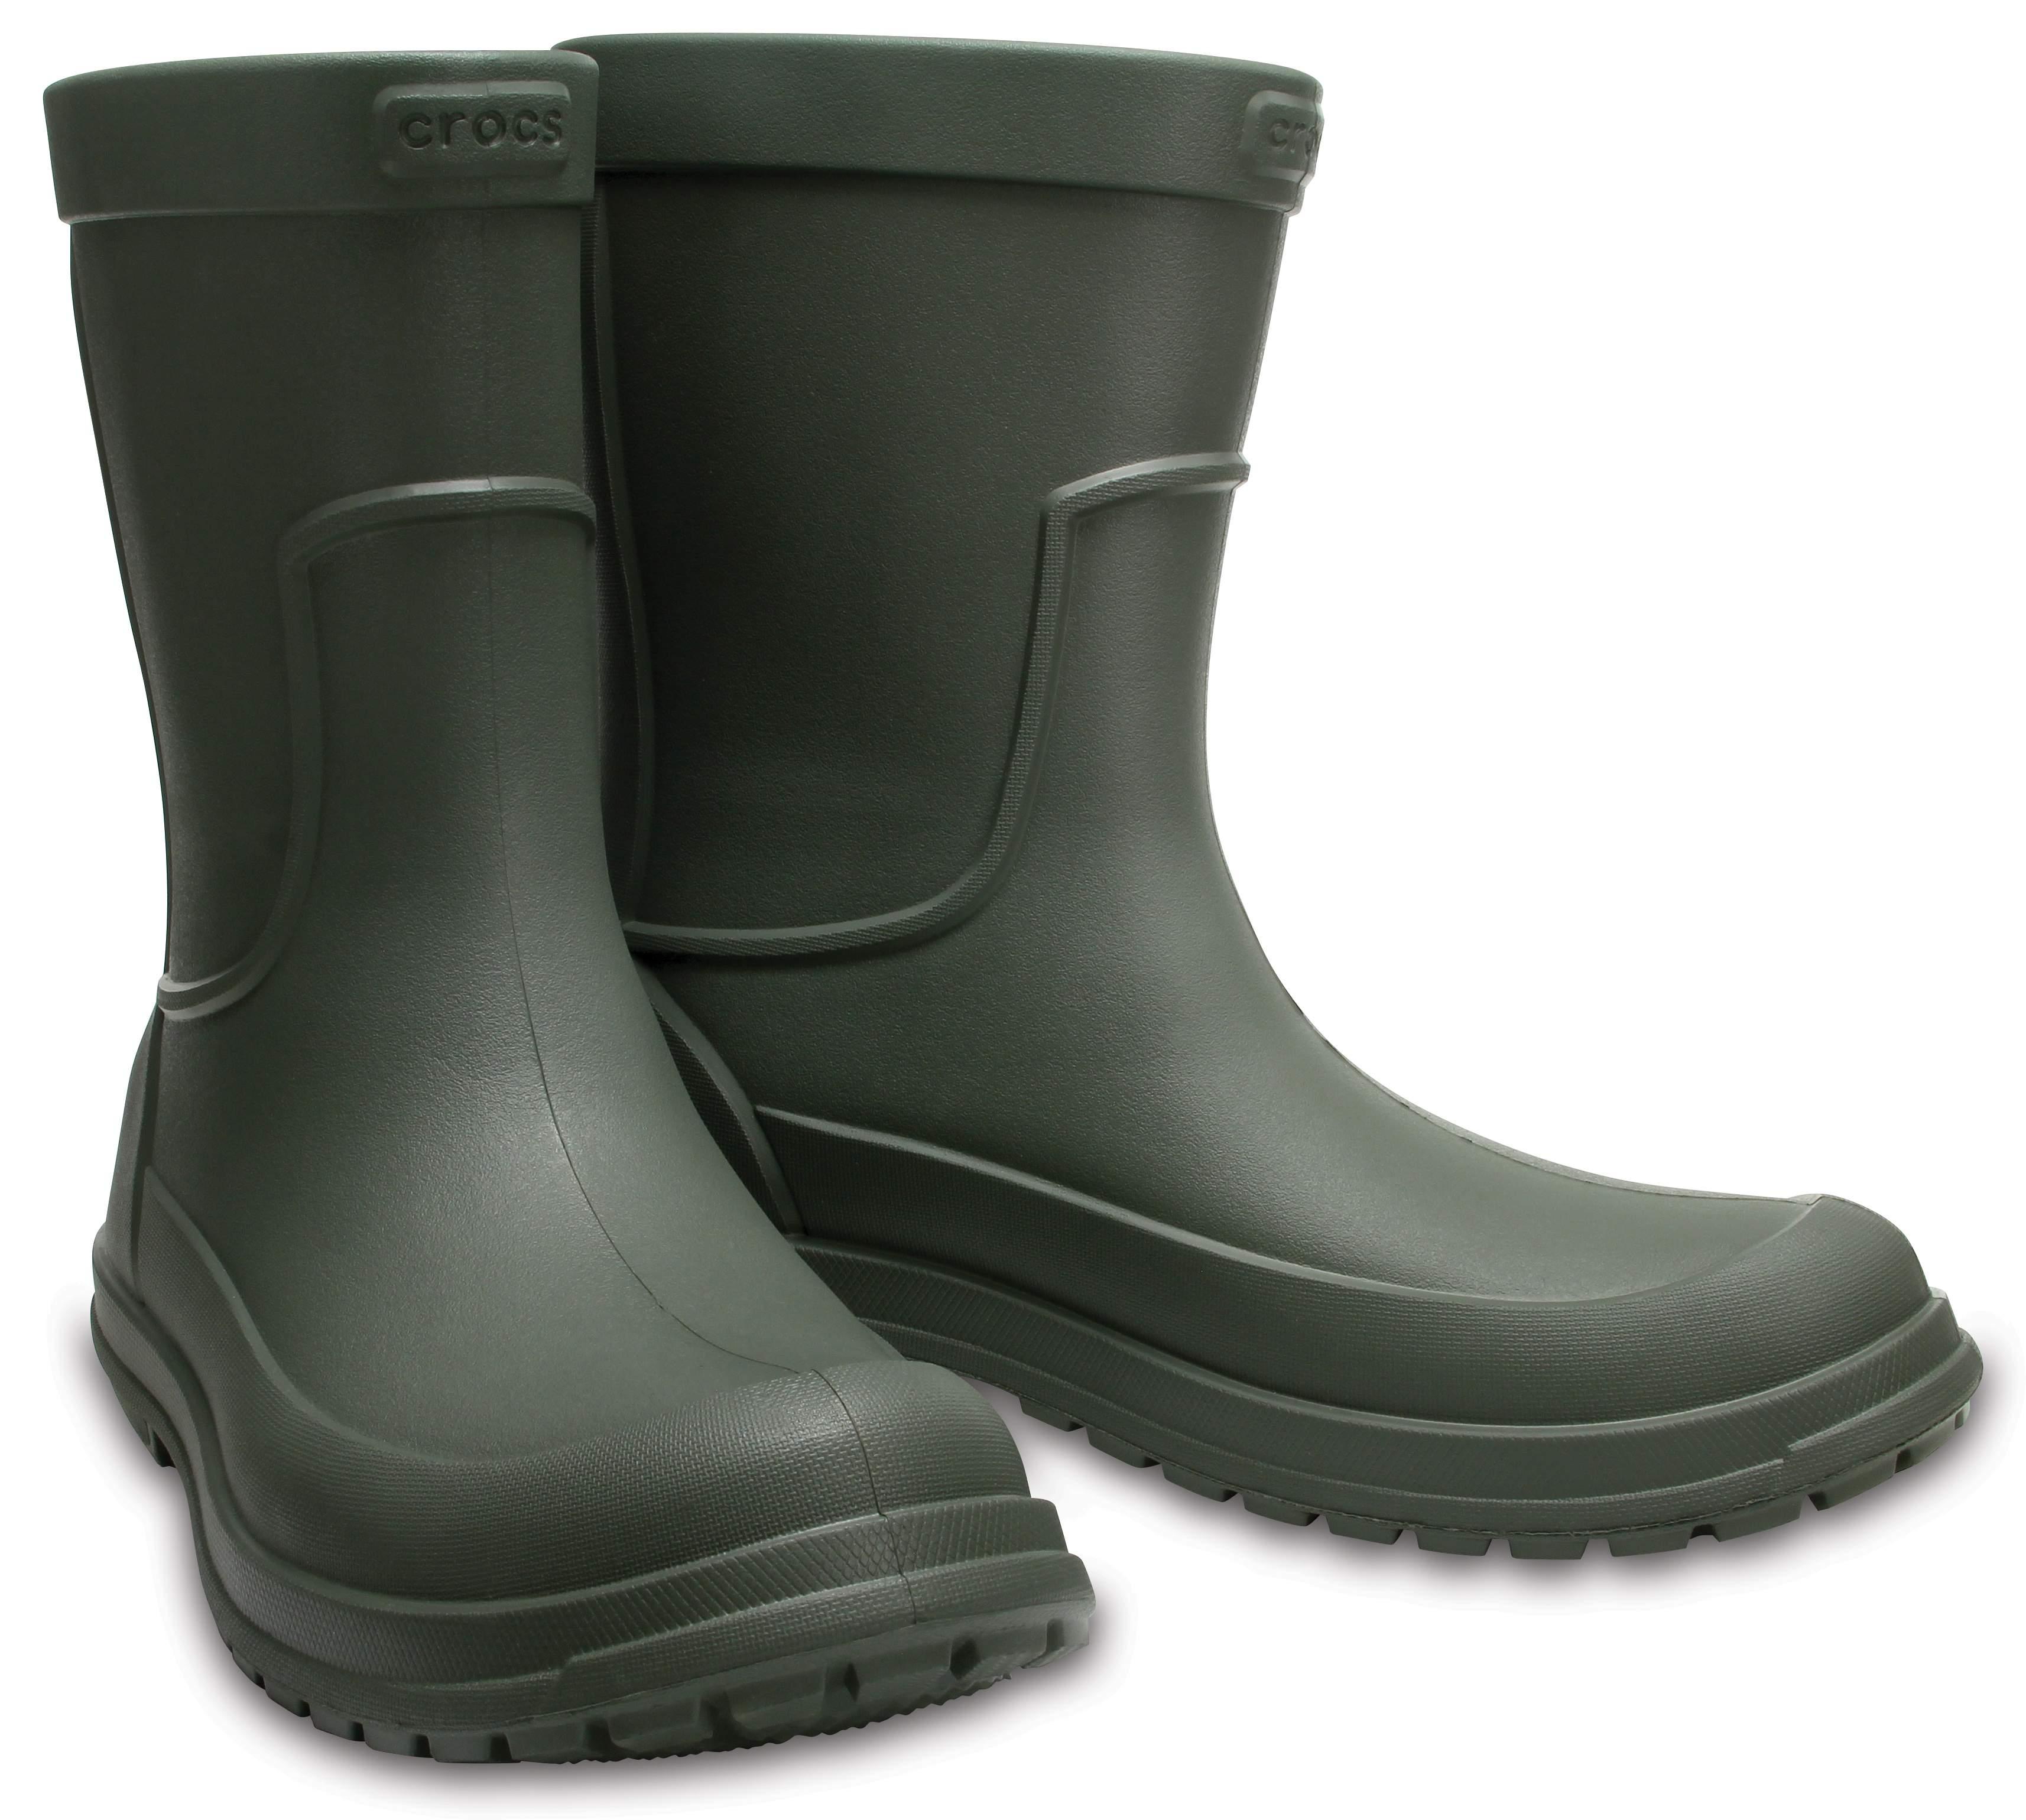 Hommes Crocs Rainboot Un Des Bottes En Caoutchouc, Noir, Taille: 43/44